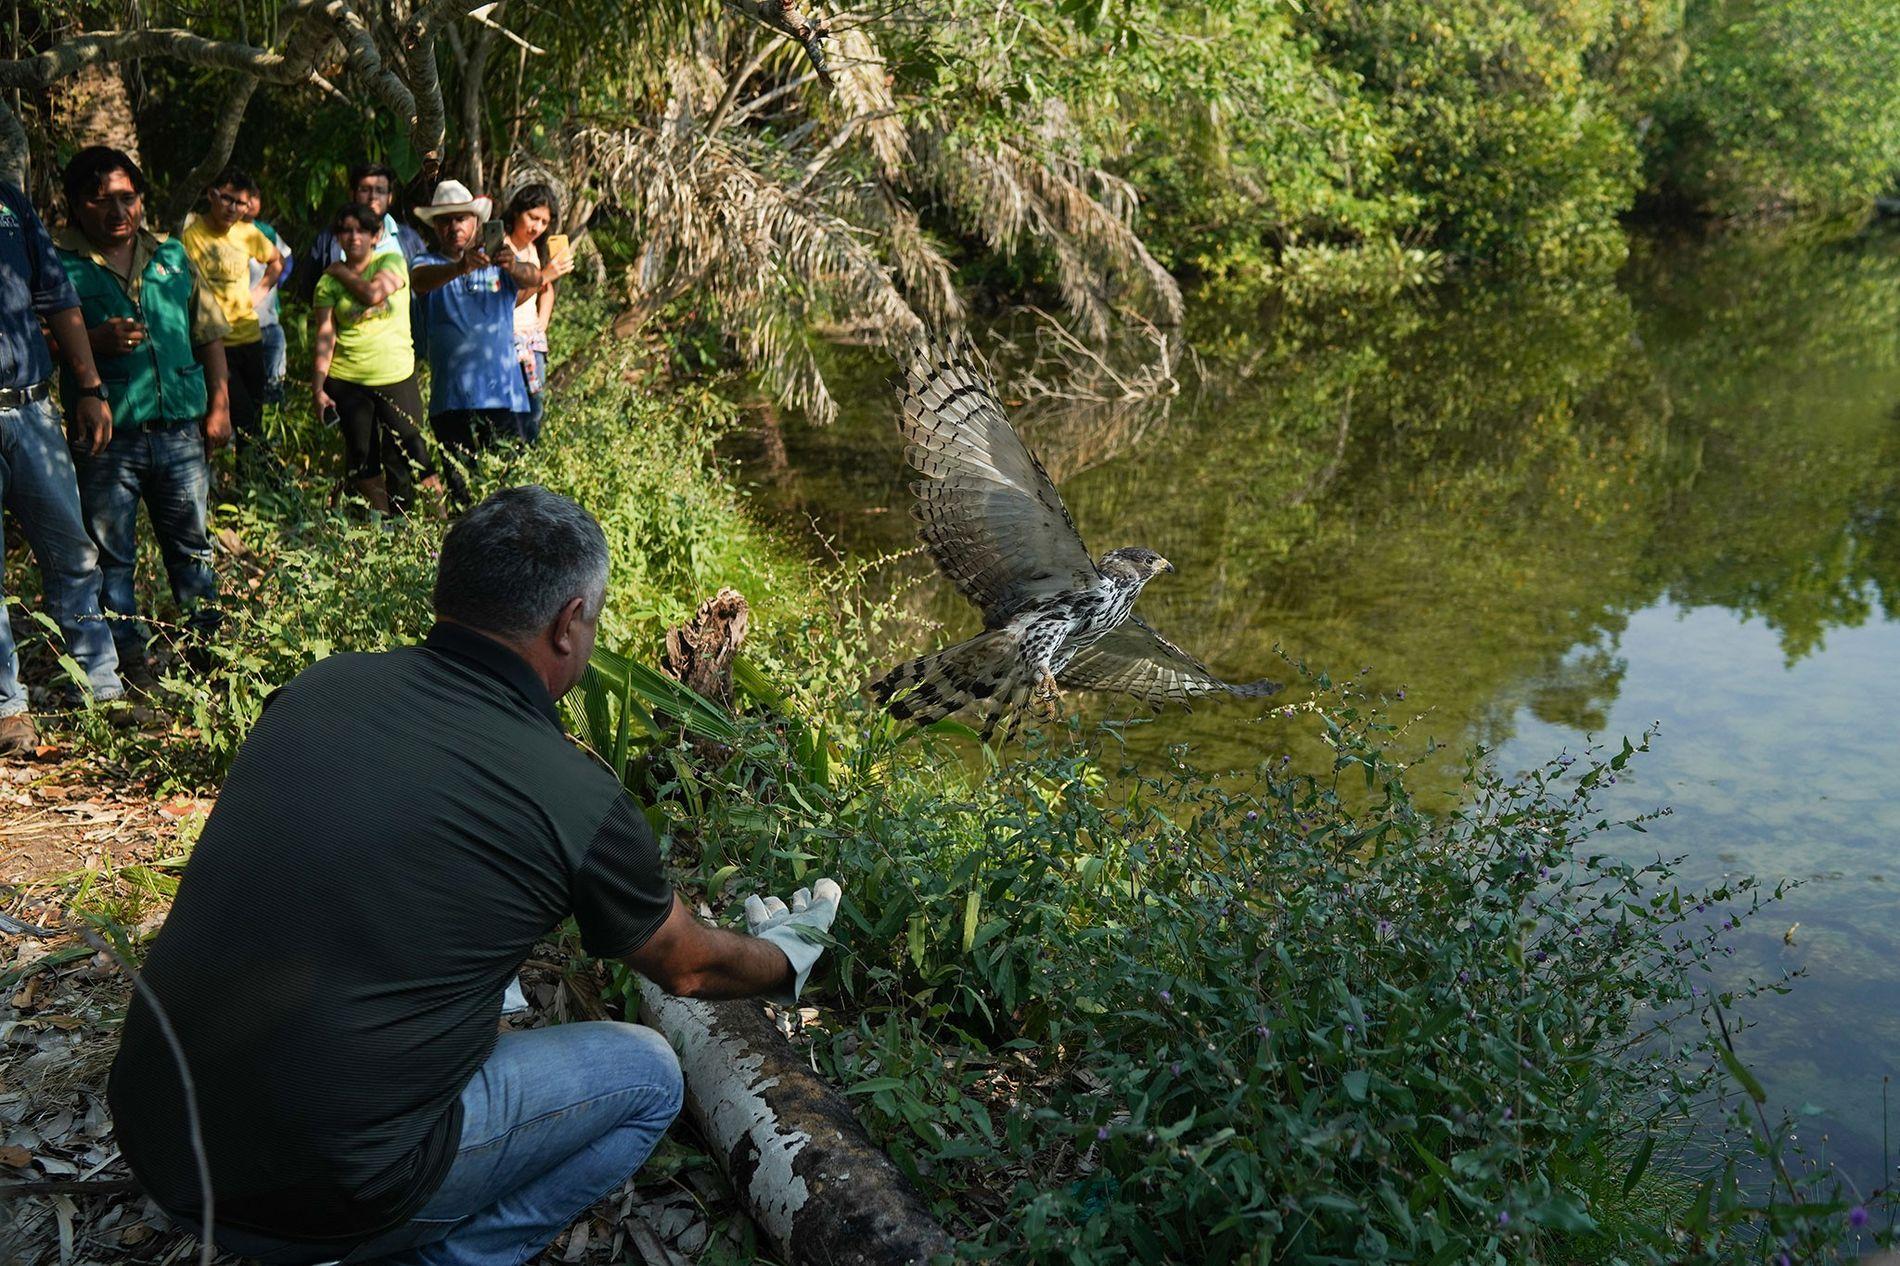 A equipe do centro de resgate de Aguas Calientes, juntamente com oficiais do governo, liberta um ...